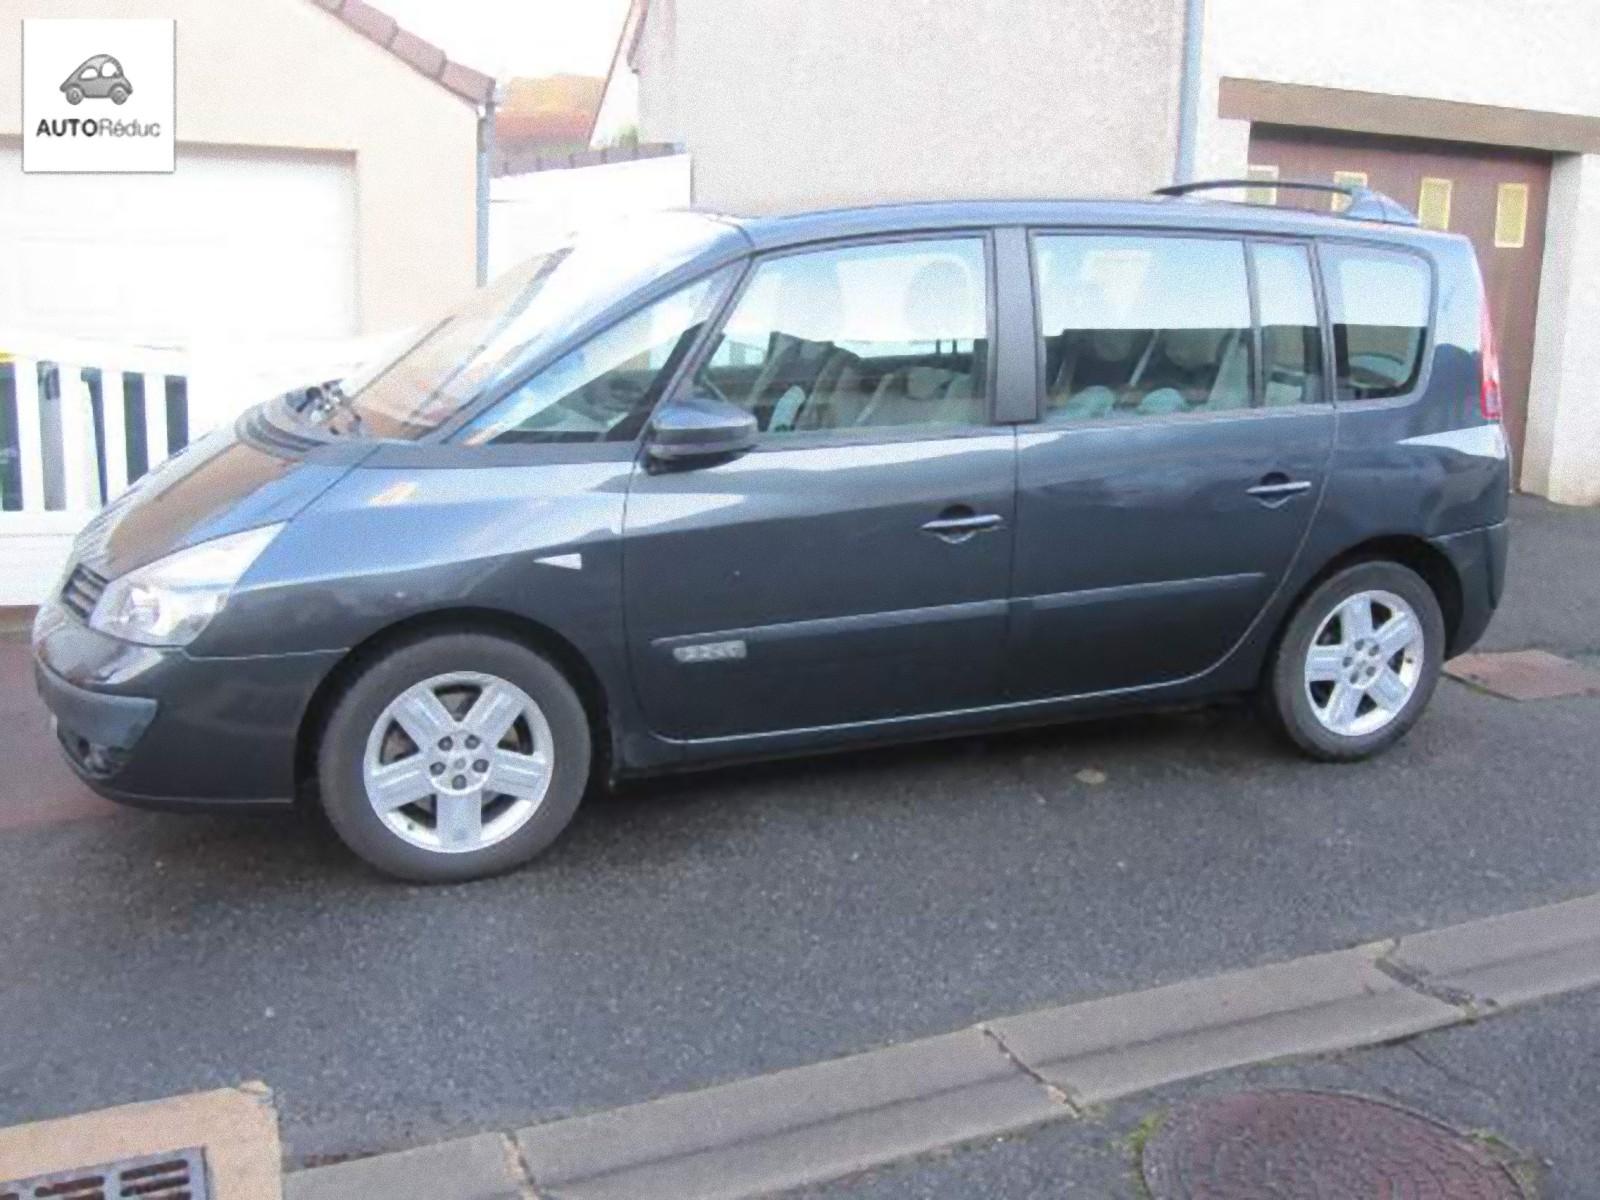 Renault Espace 4 2.2 dci 150cv privilège 2005 7pl